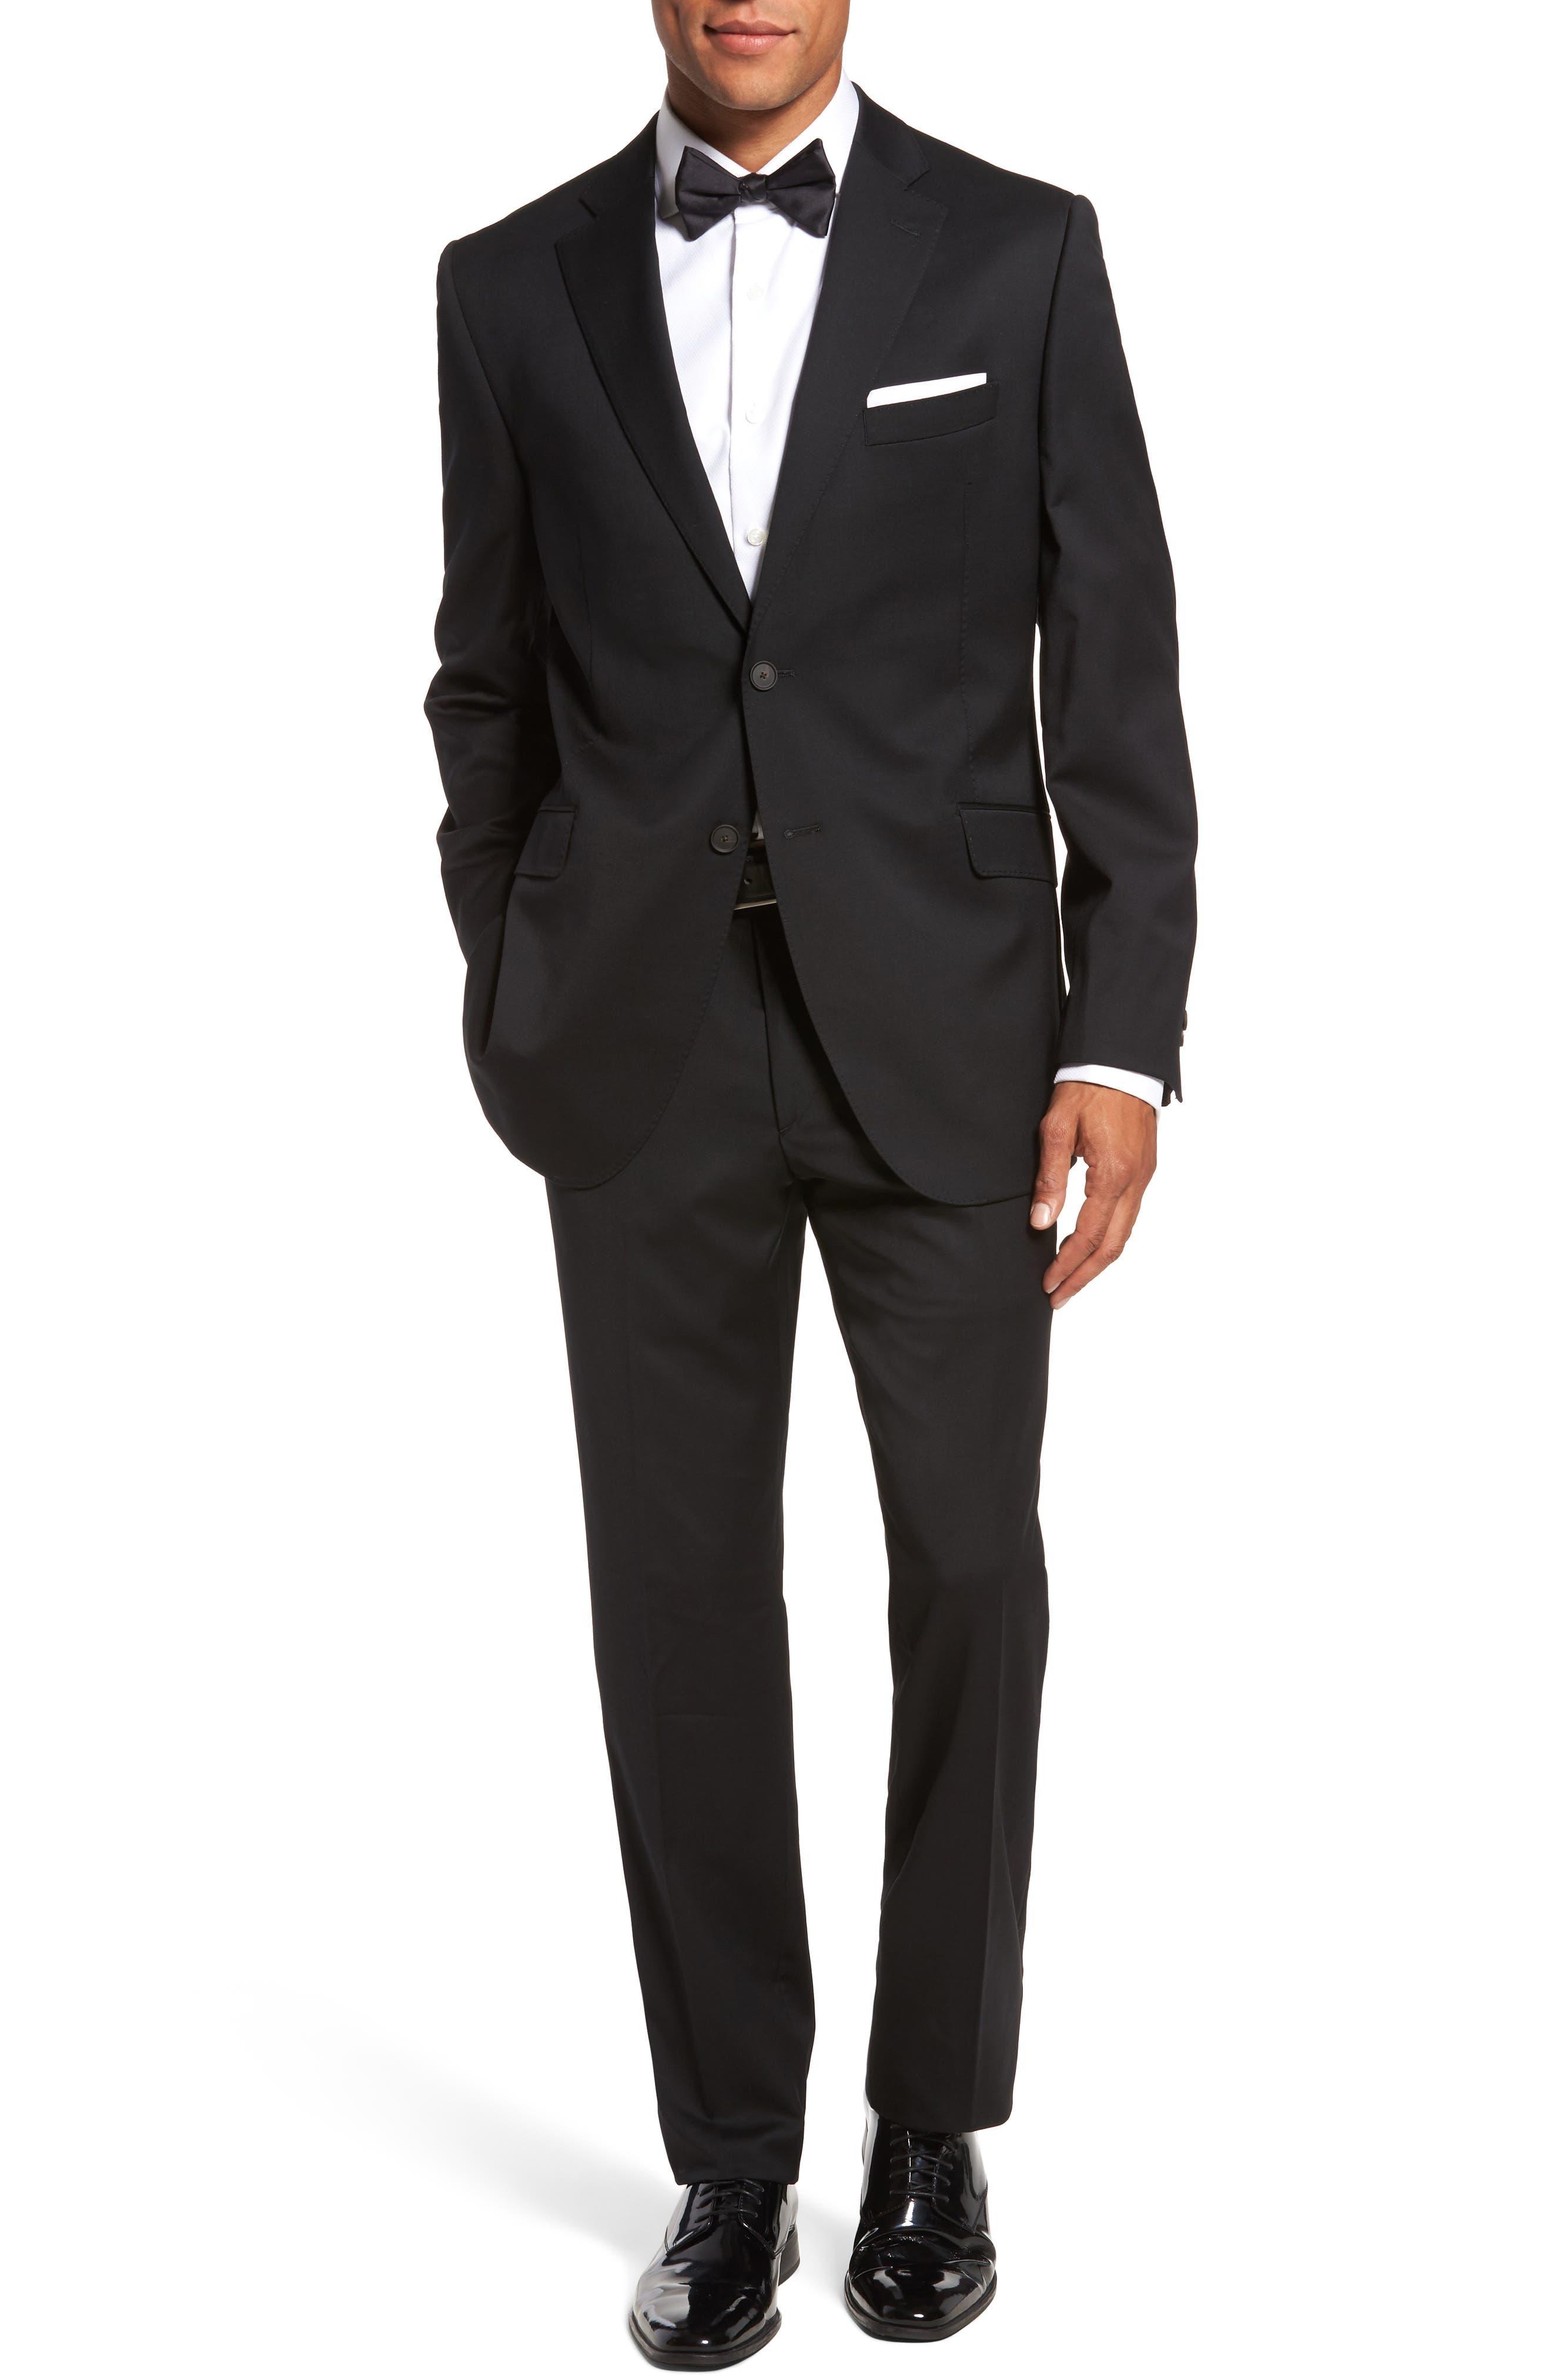 Keidis Aim Classic Fit Stretch Wool Suit,                             Main thumbnail 1, color,                             BLACK